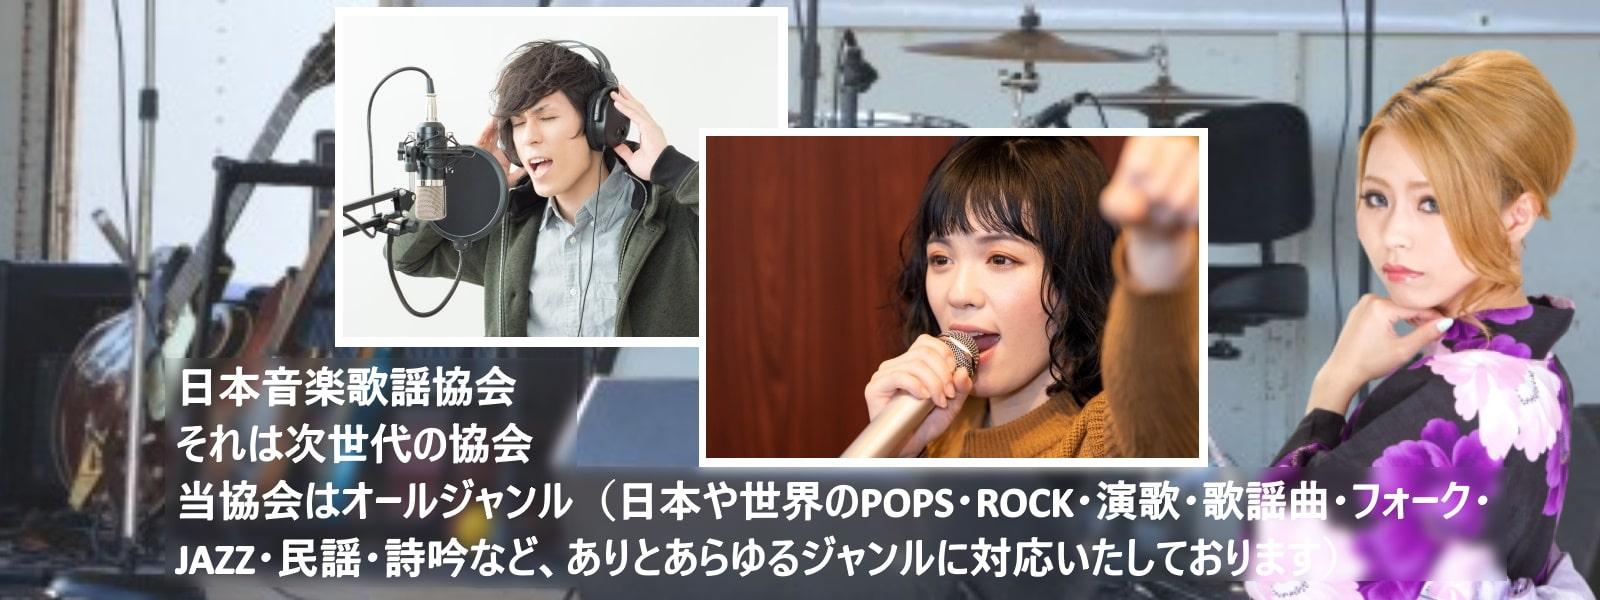 世界に発信する音楽を作る!人を育てる「日本音楽歌謡協会」